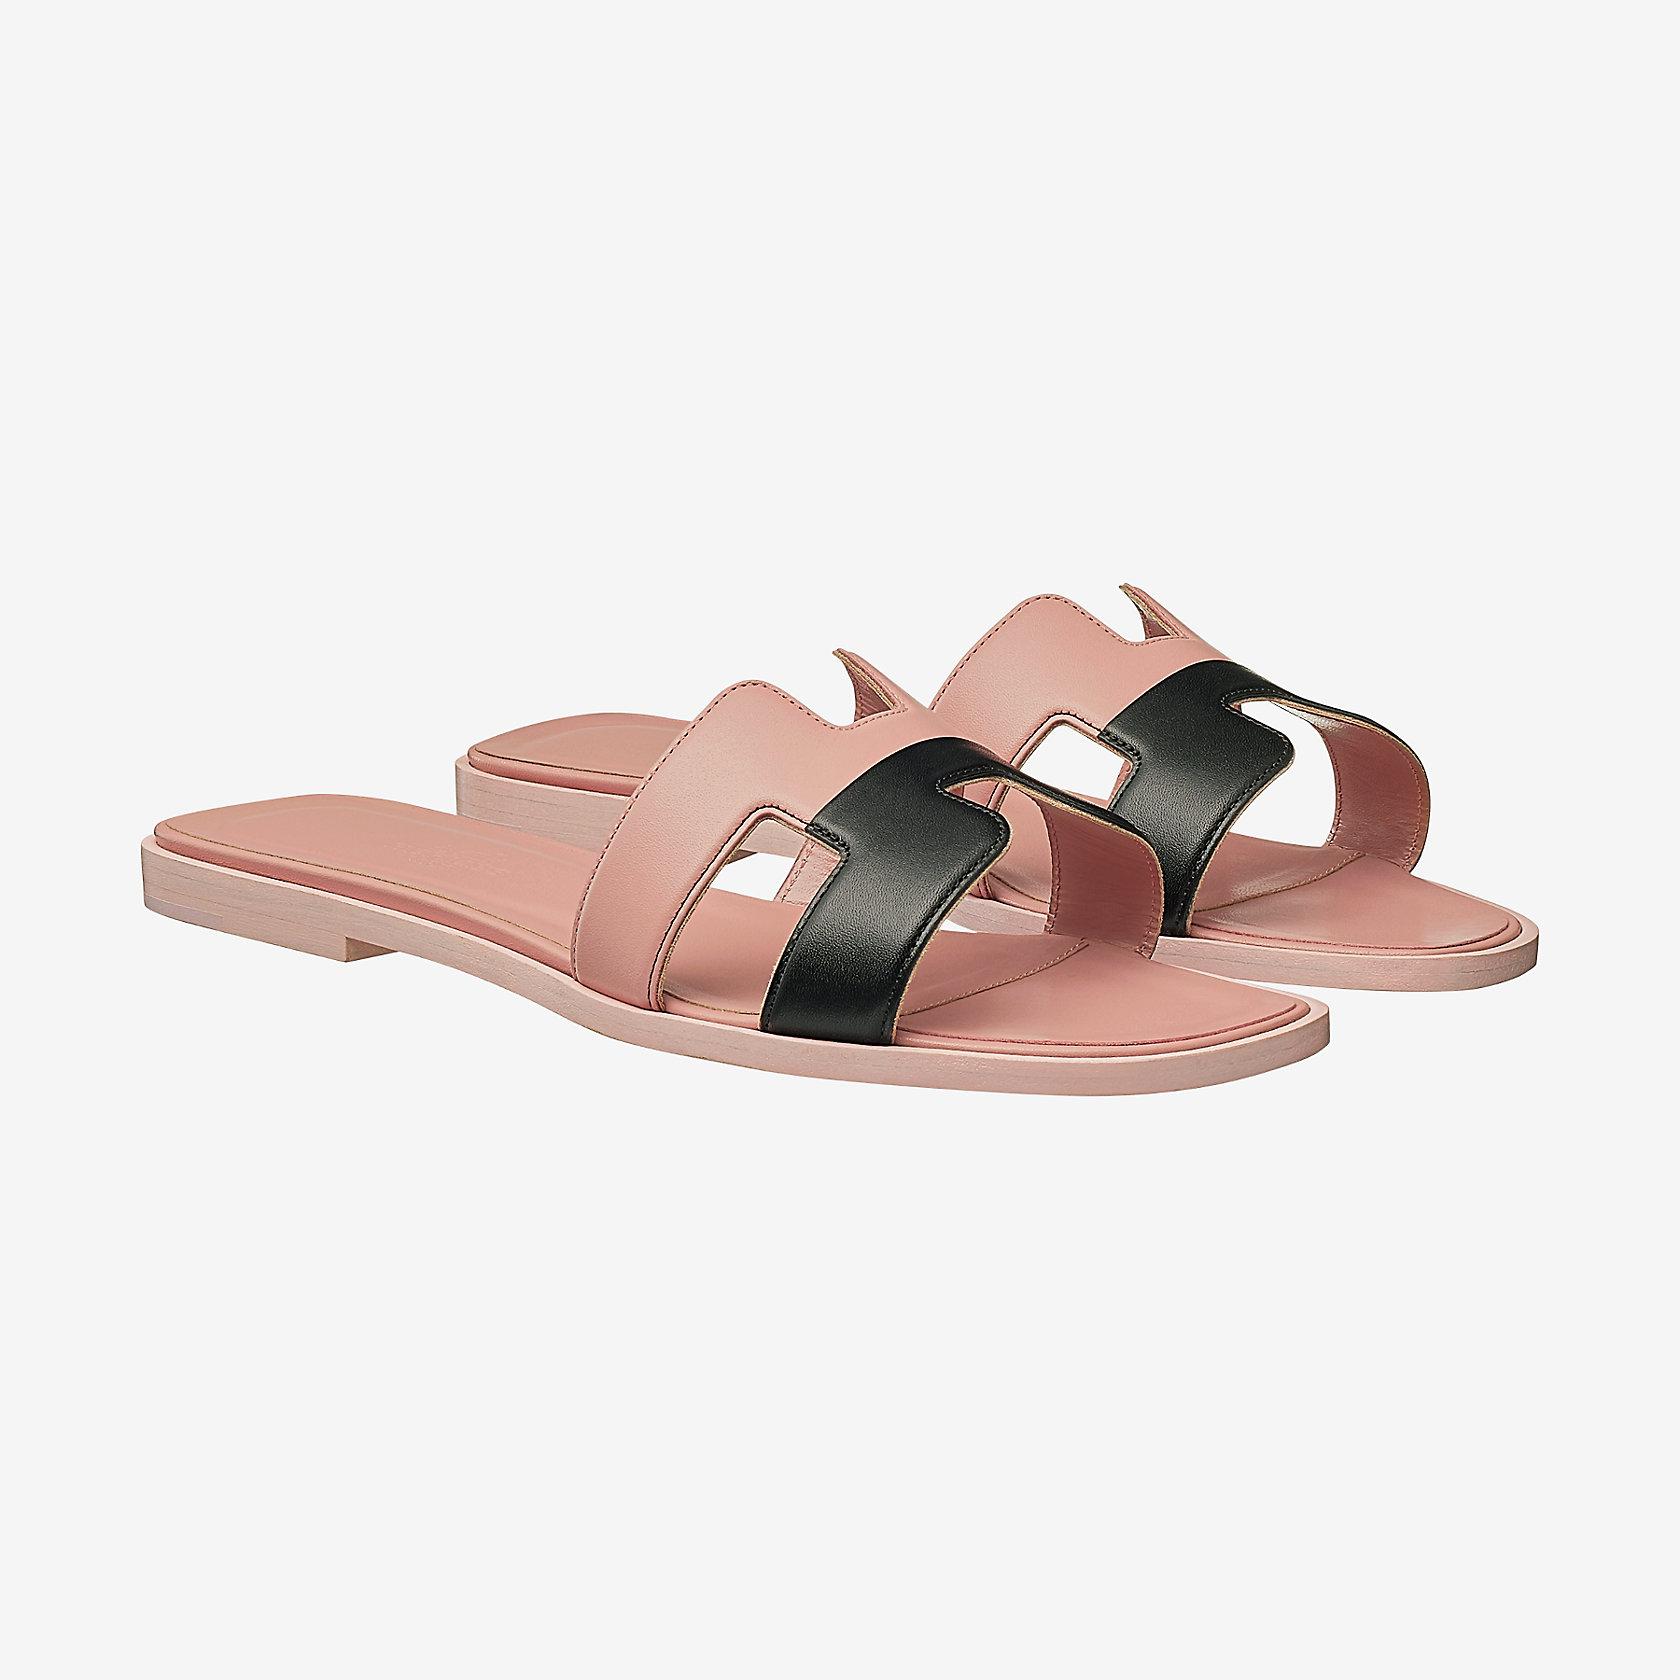 99f8923e3bab Oran sandal | Hermès USA